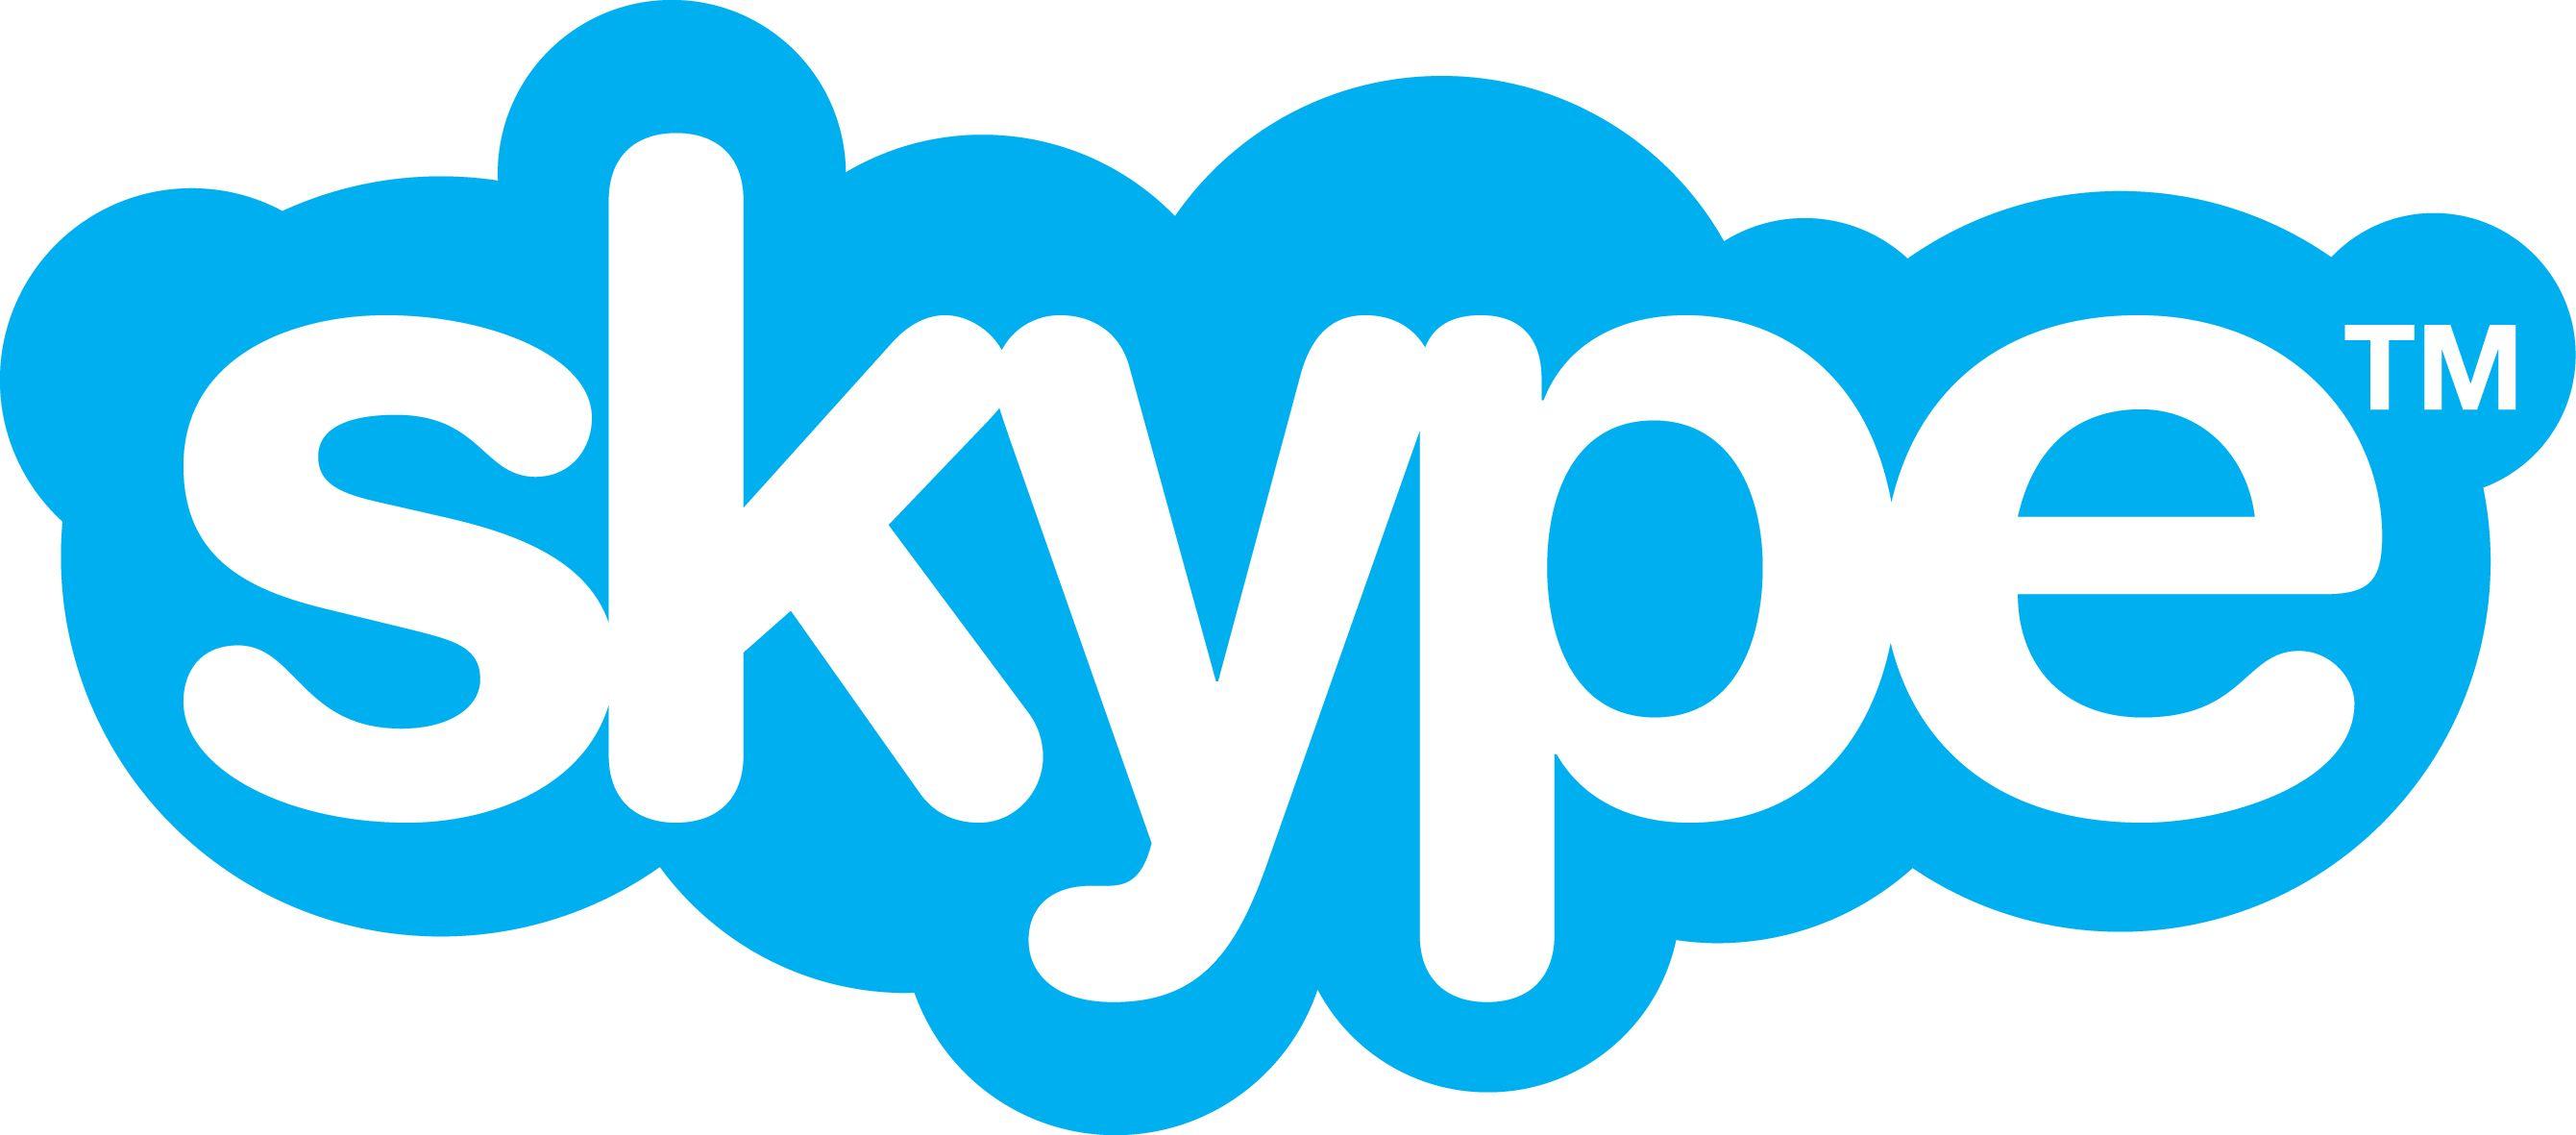 Z uporabo storitve Skype bodo lahko kmalu med seboj komunicirali tudi tisti, ki se zaradi nepoznavanja tujega jezika sicer ne bi razumeli.